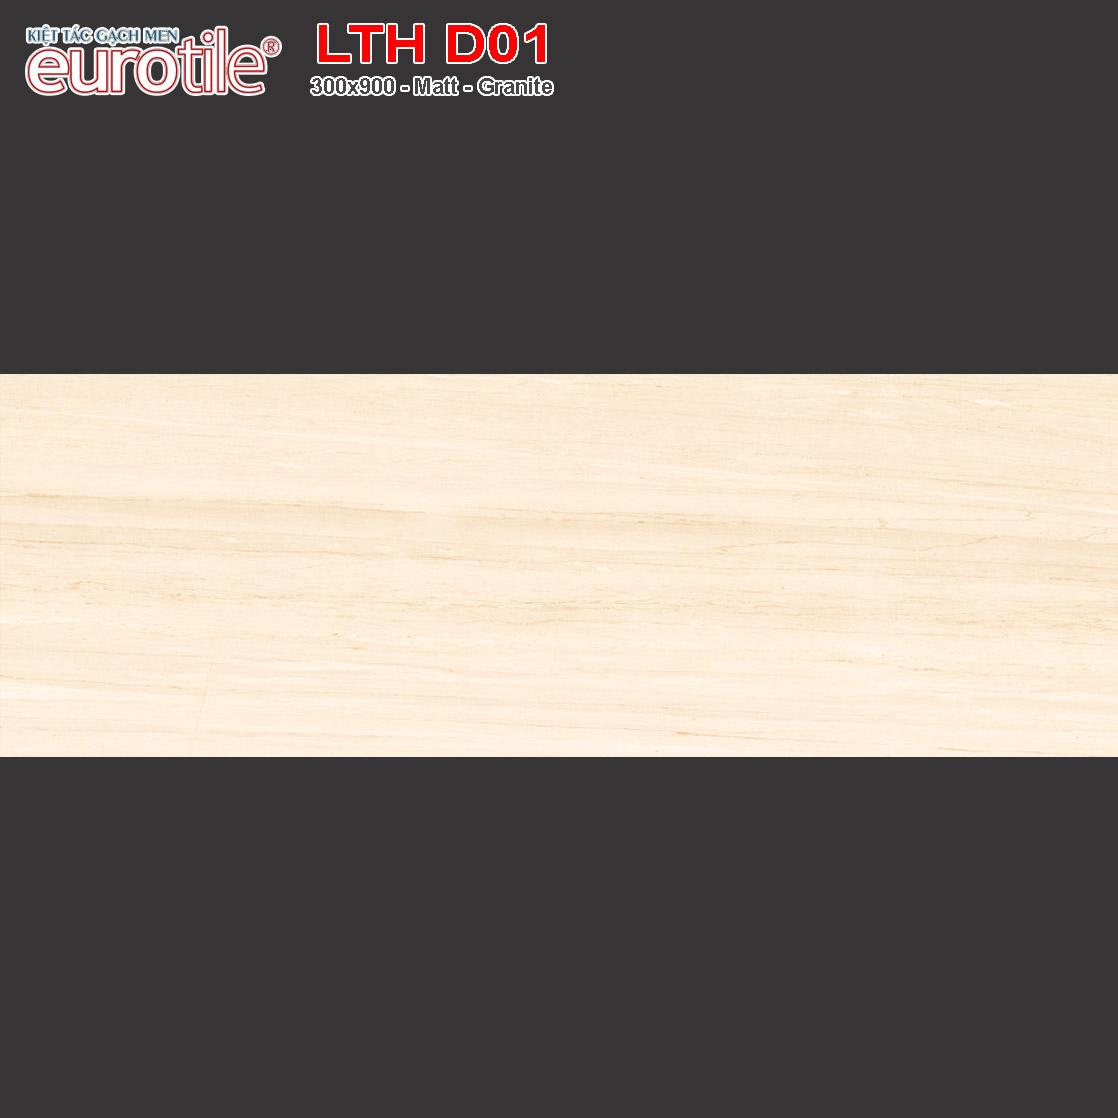 Gạch ốp lát 300x900 Eurotile Lưu Thủy LTH D01 giá rẻ